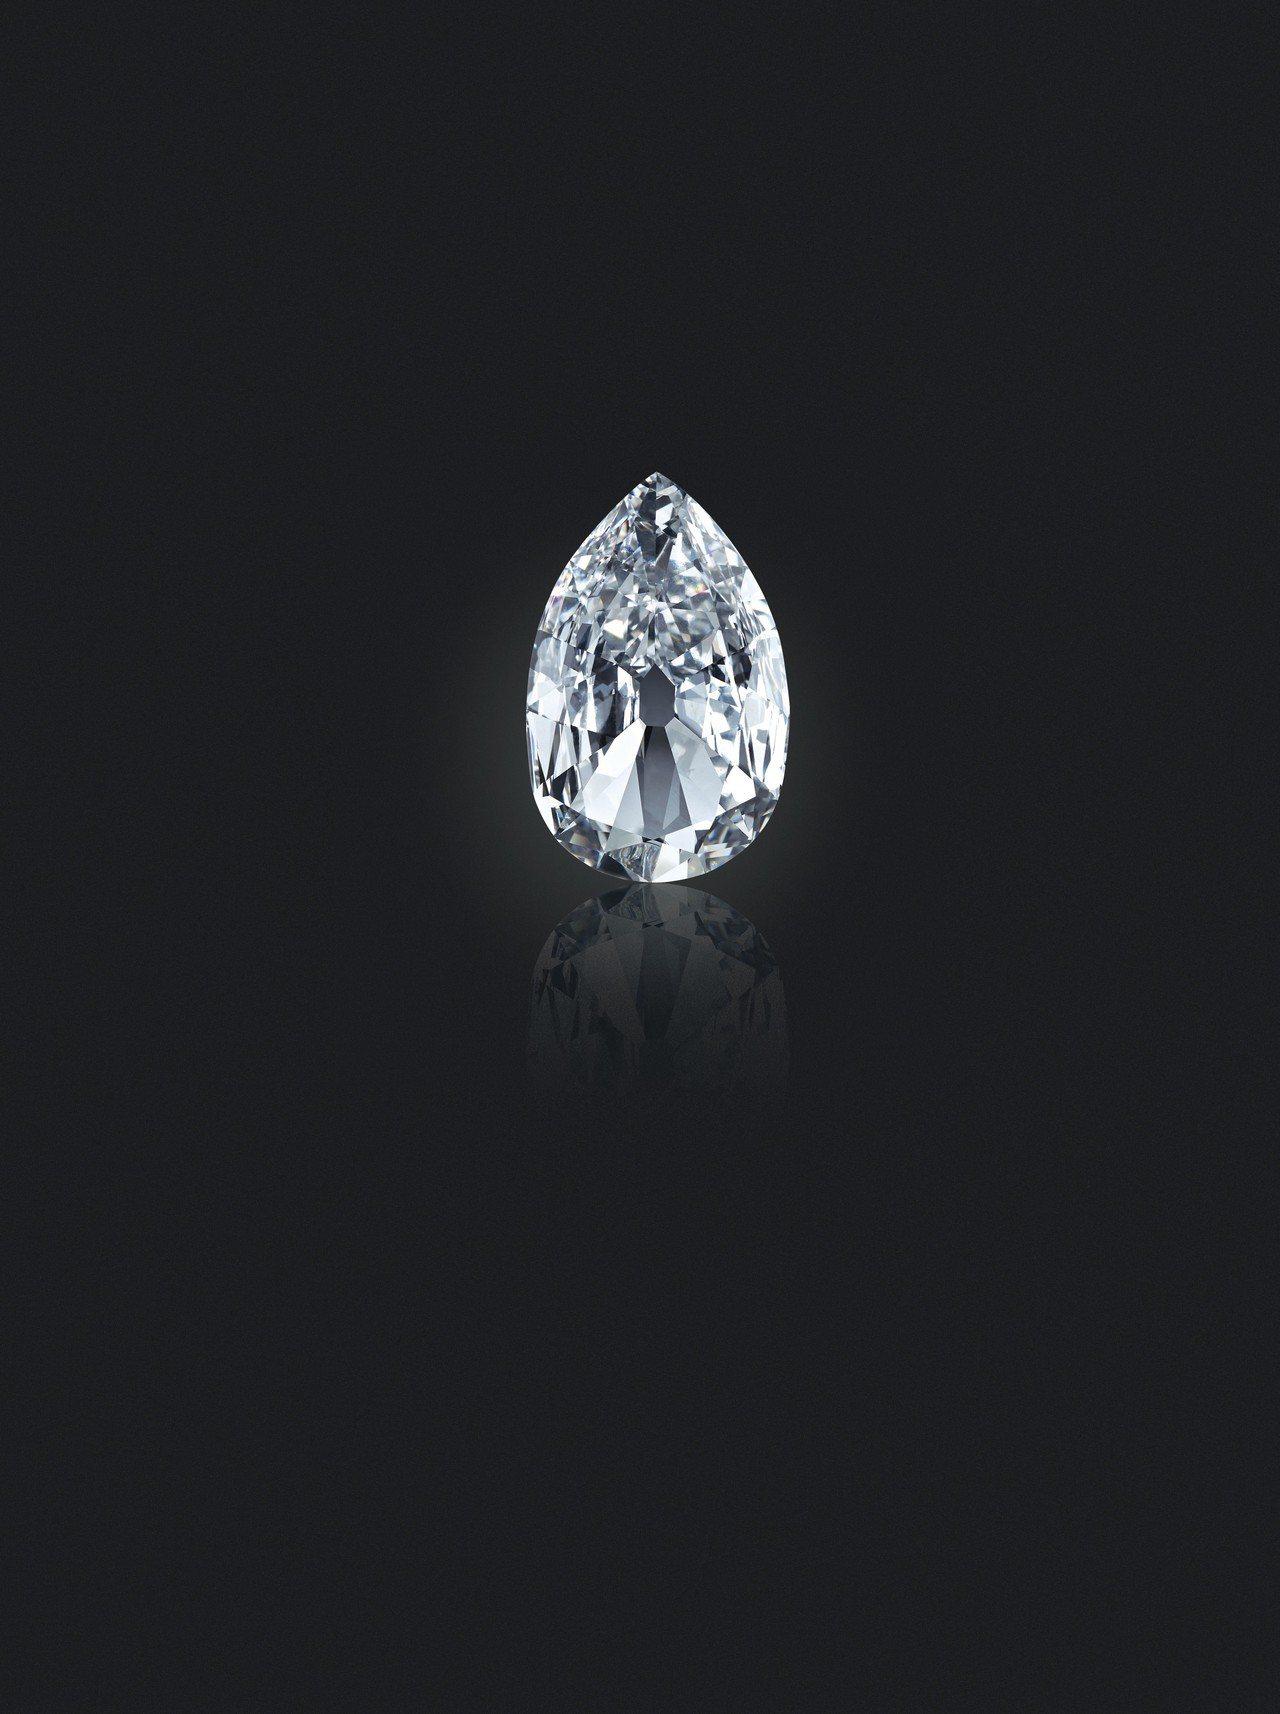 17.21 克拉的「Arcot II」鑽石,D色內部無瑕,,是當時印度獻給英王喬...